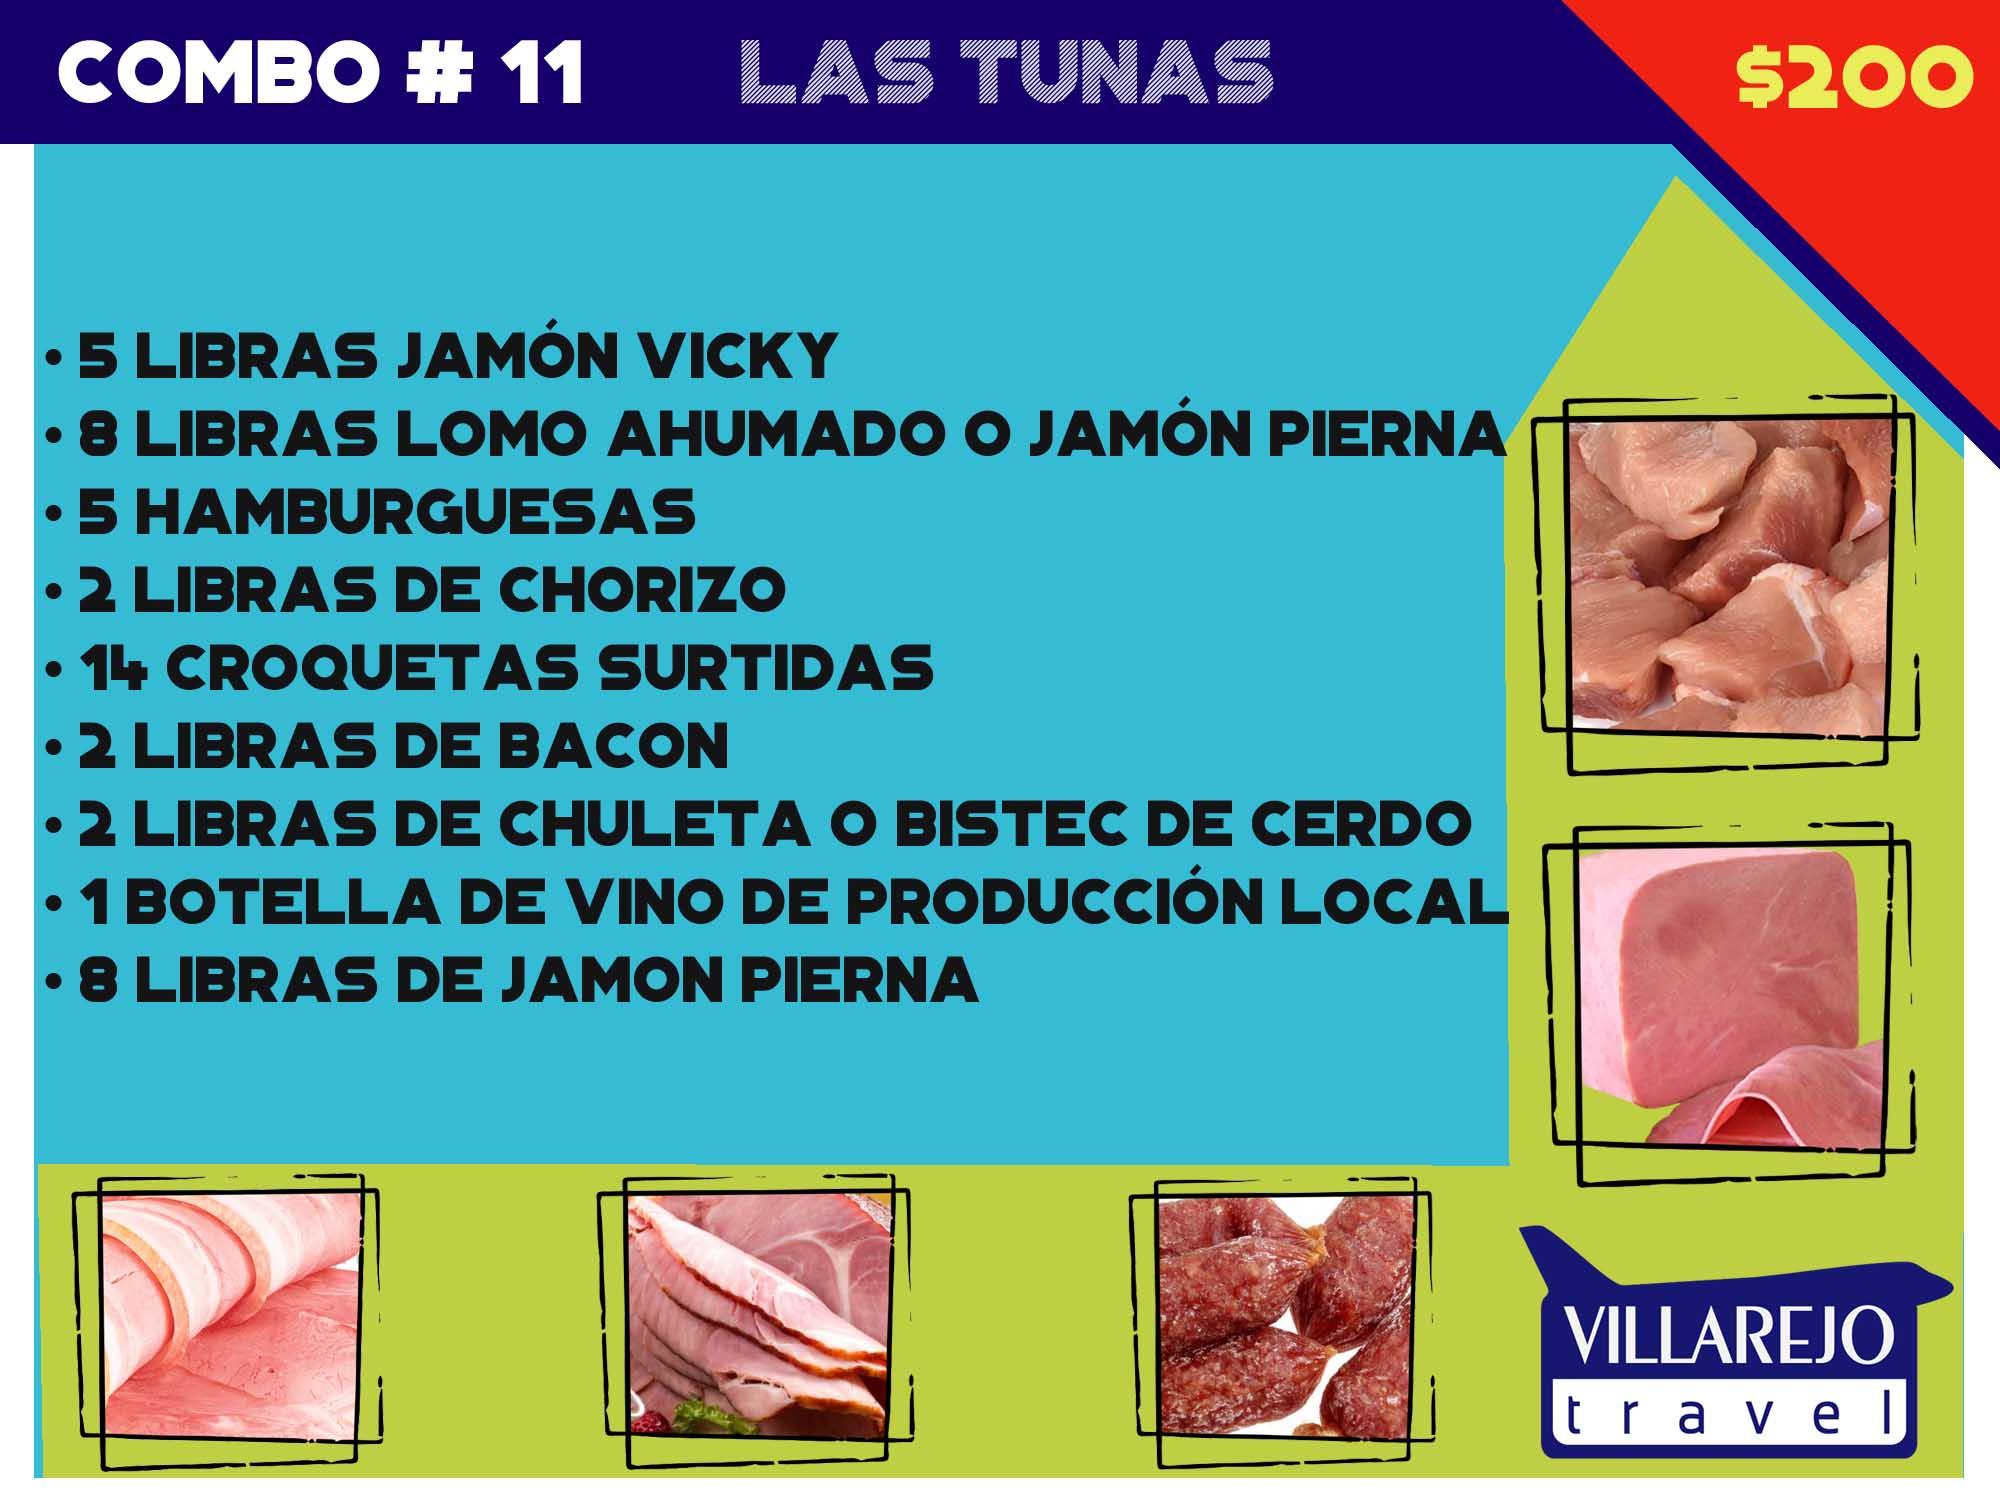 COMBO # 11 LA TUNAS